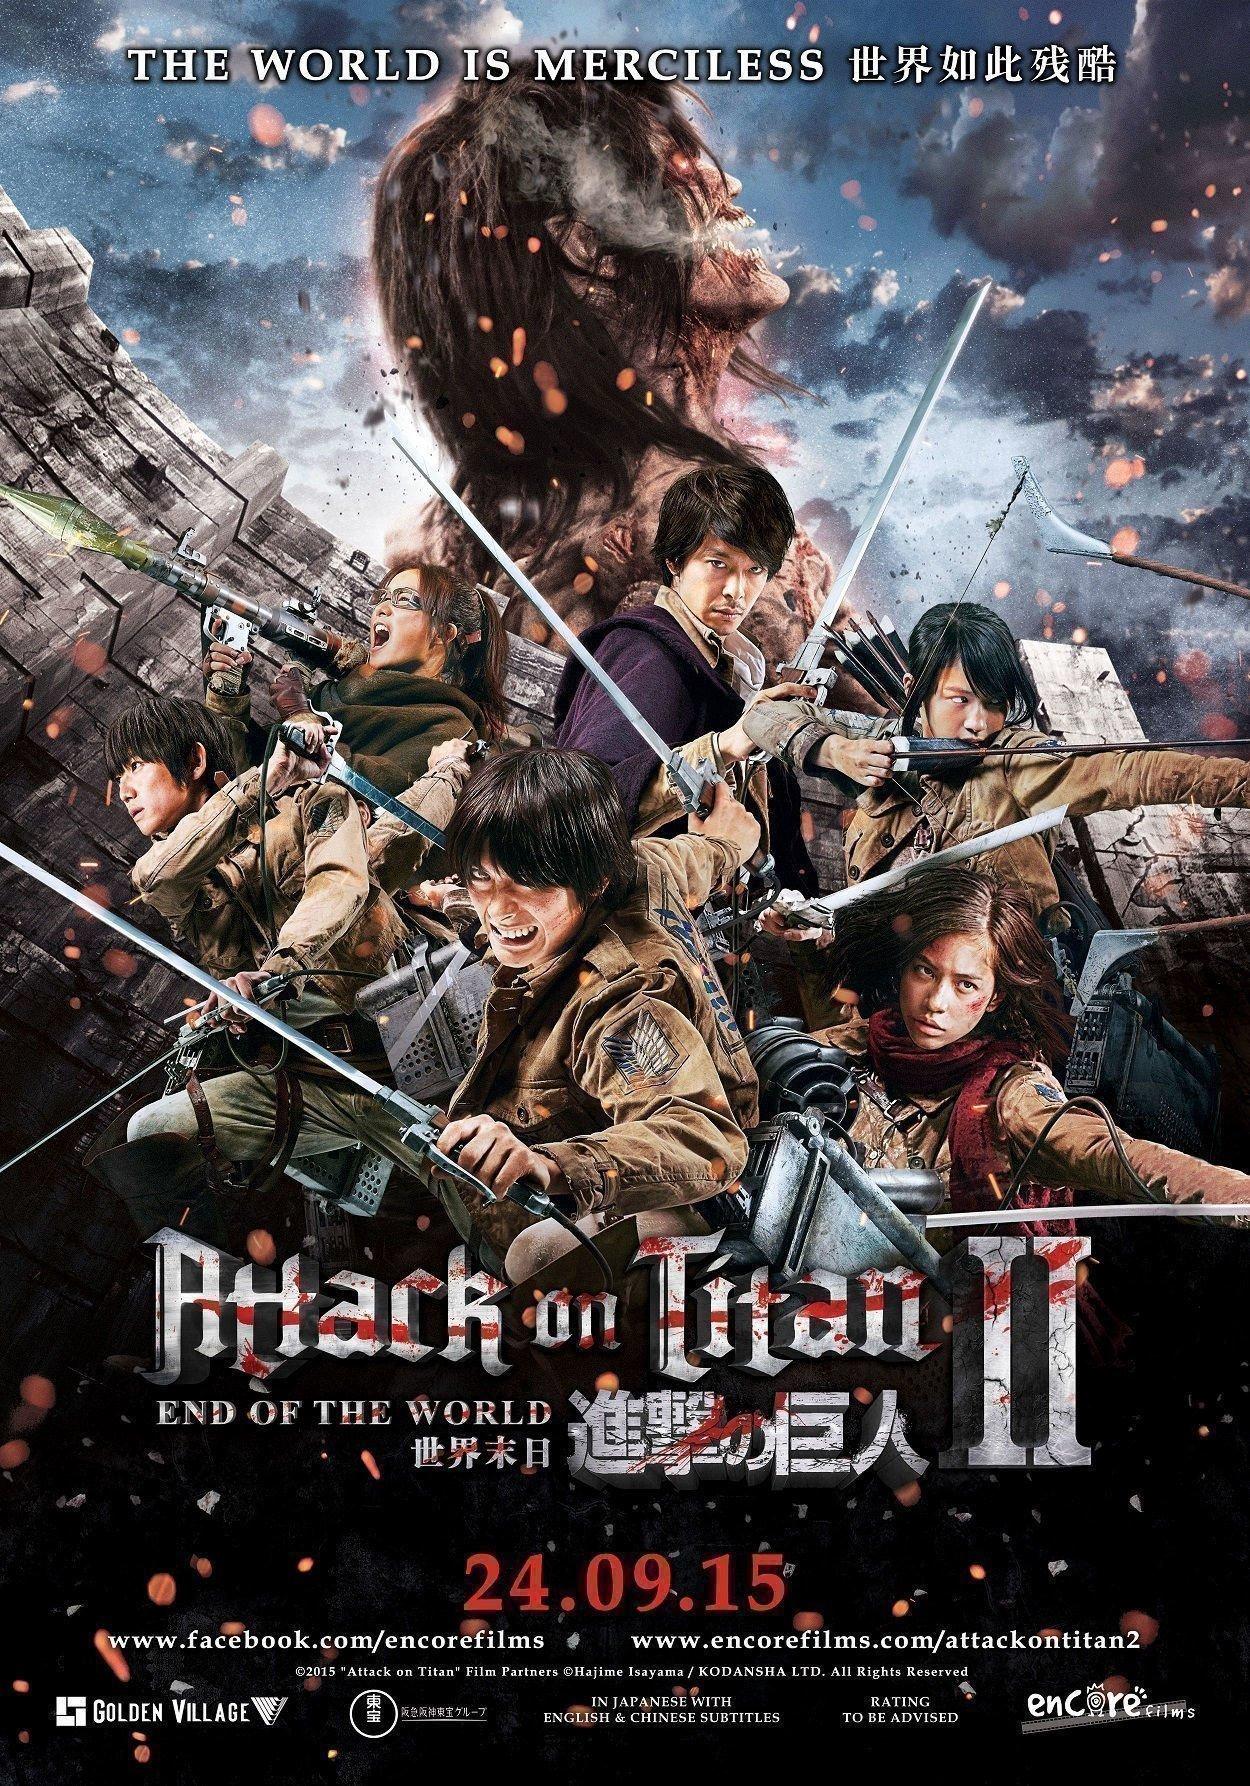 attack on titan end of the world deutsch